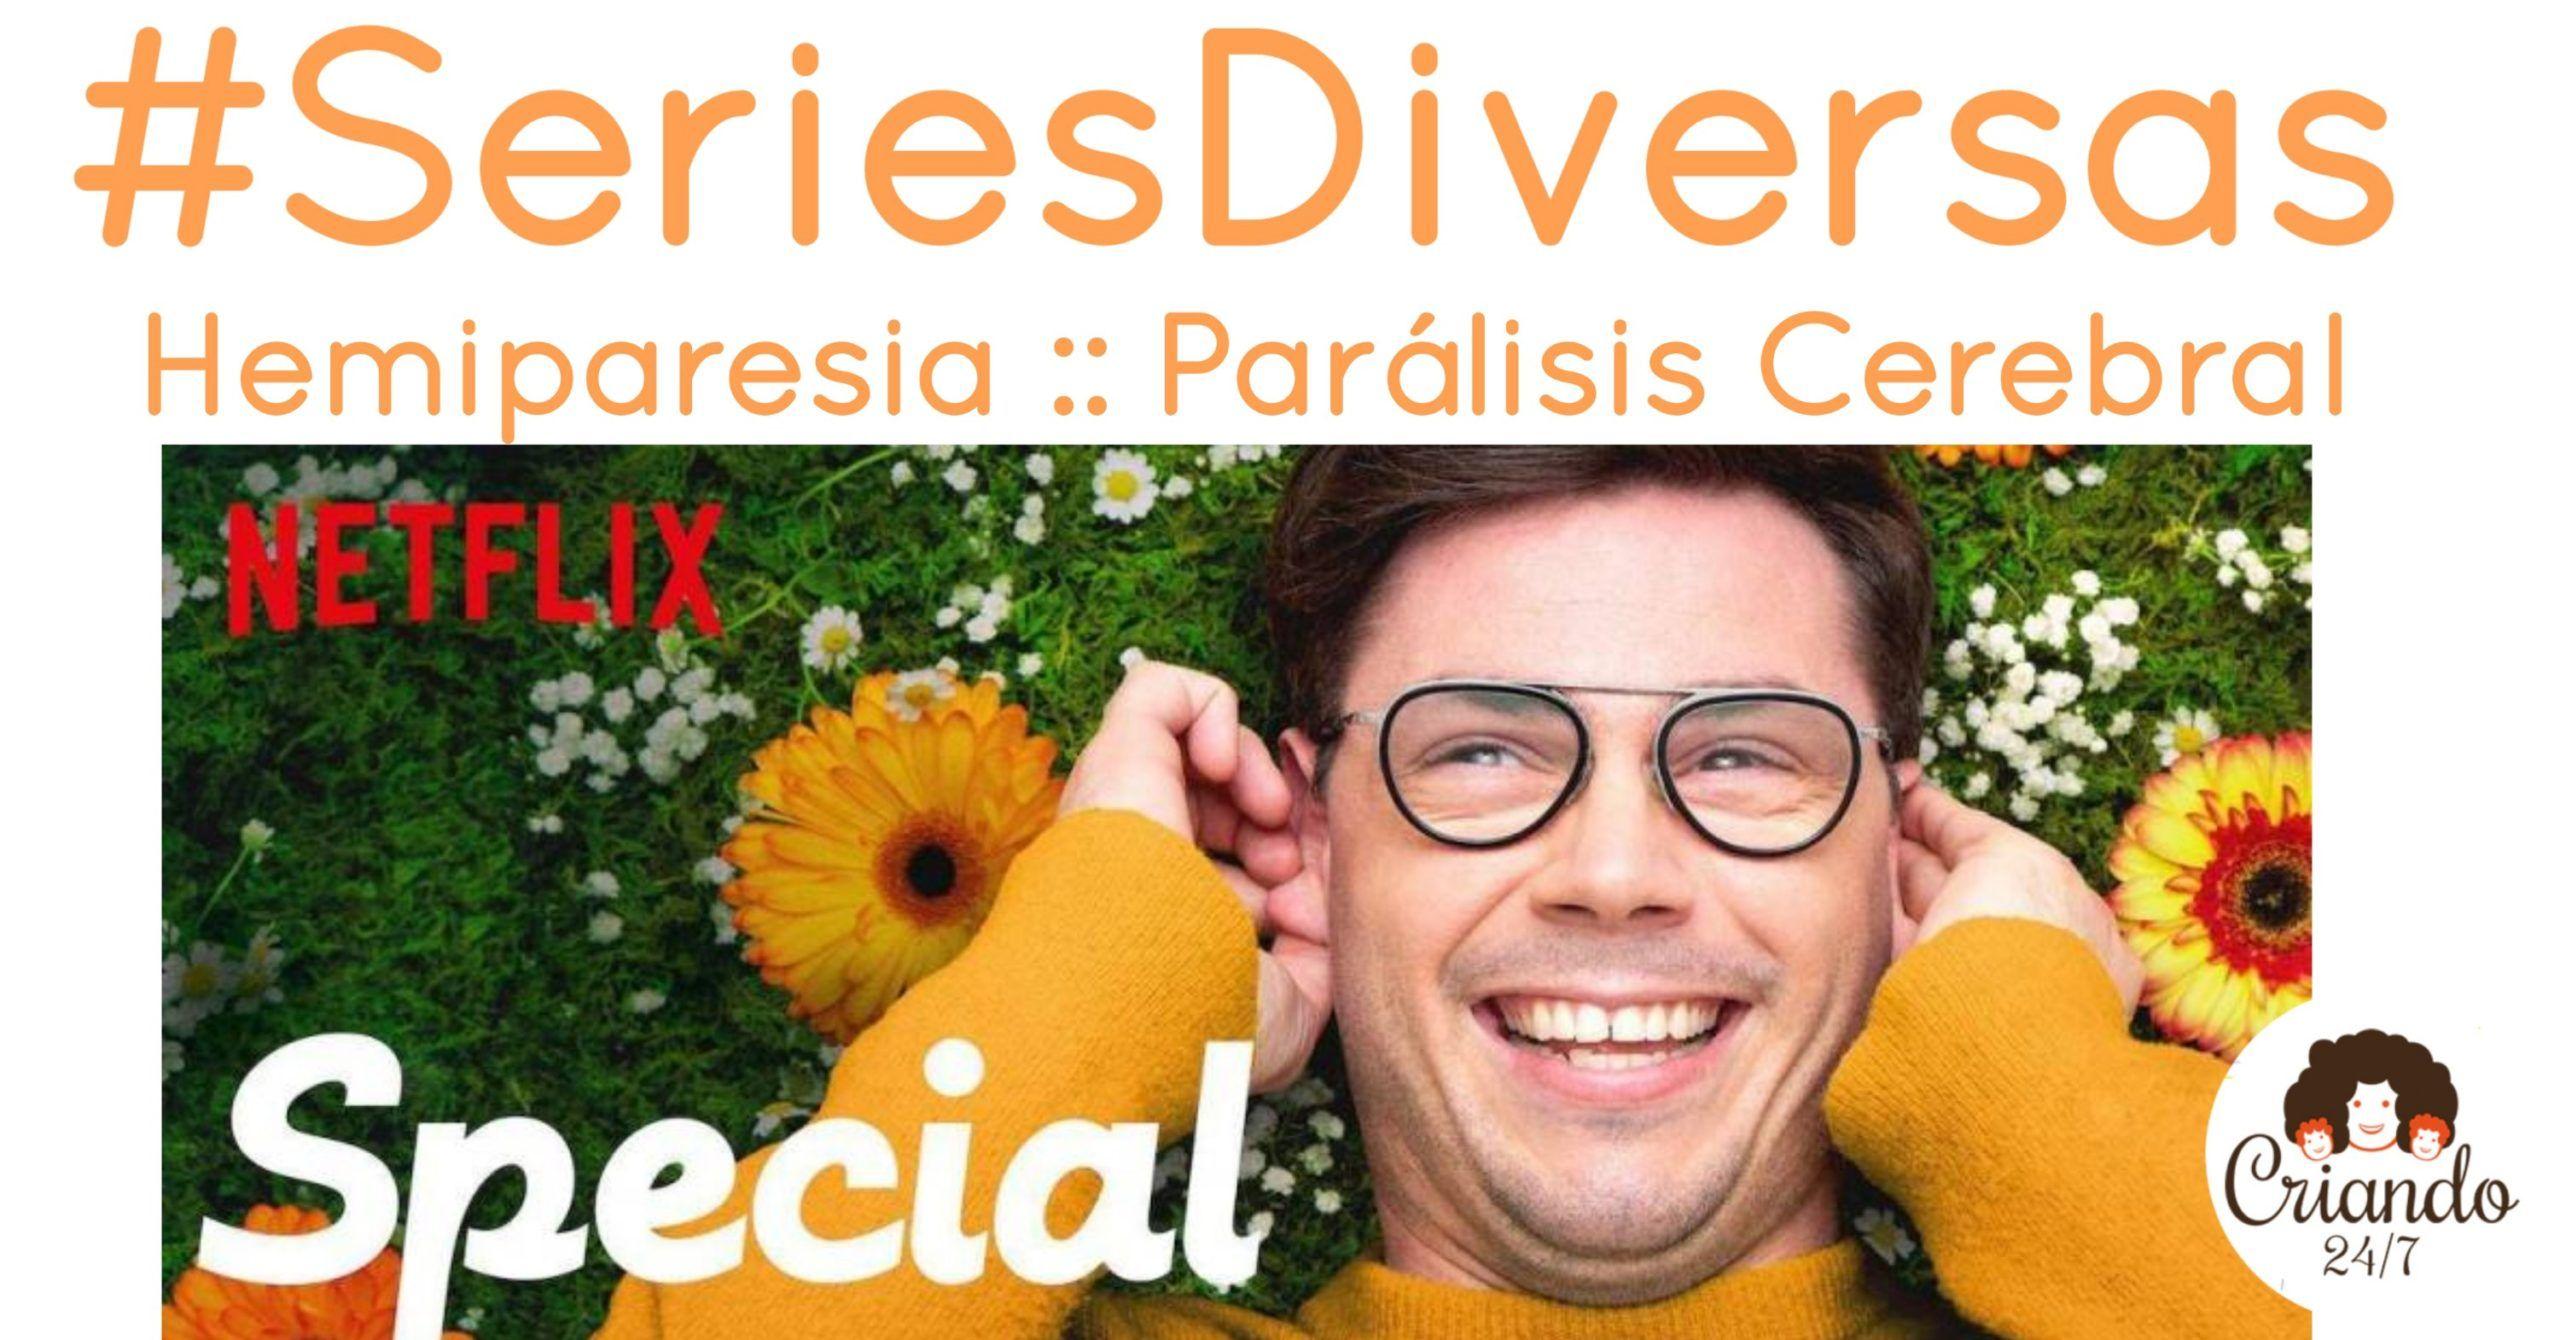 #SeriesDiversas #Criando247 Special de Netflix. Cartel con el protagonista, Ryan, sonriendo recostado sobre el césped.